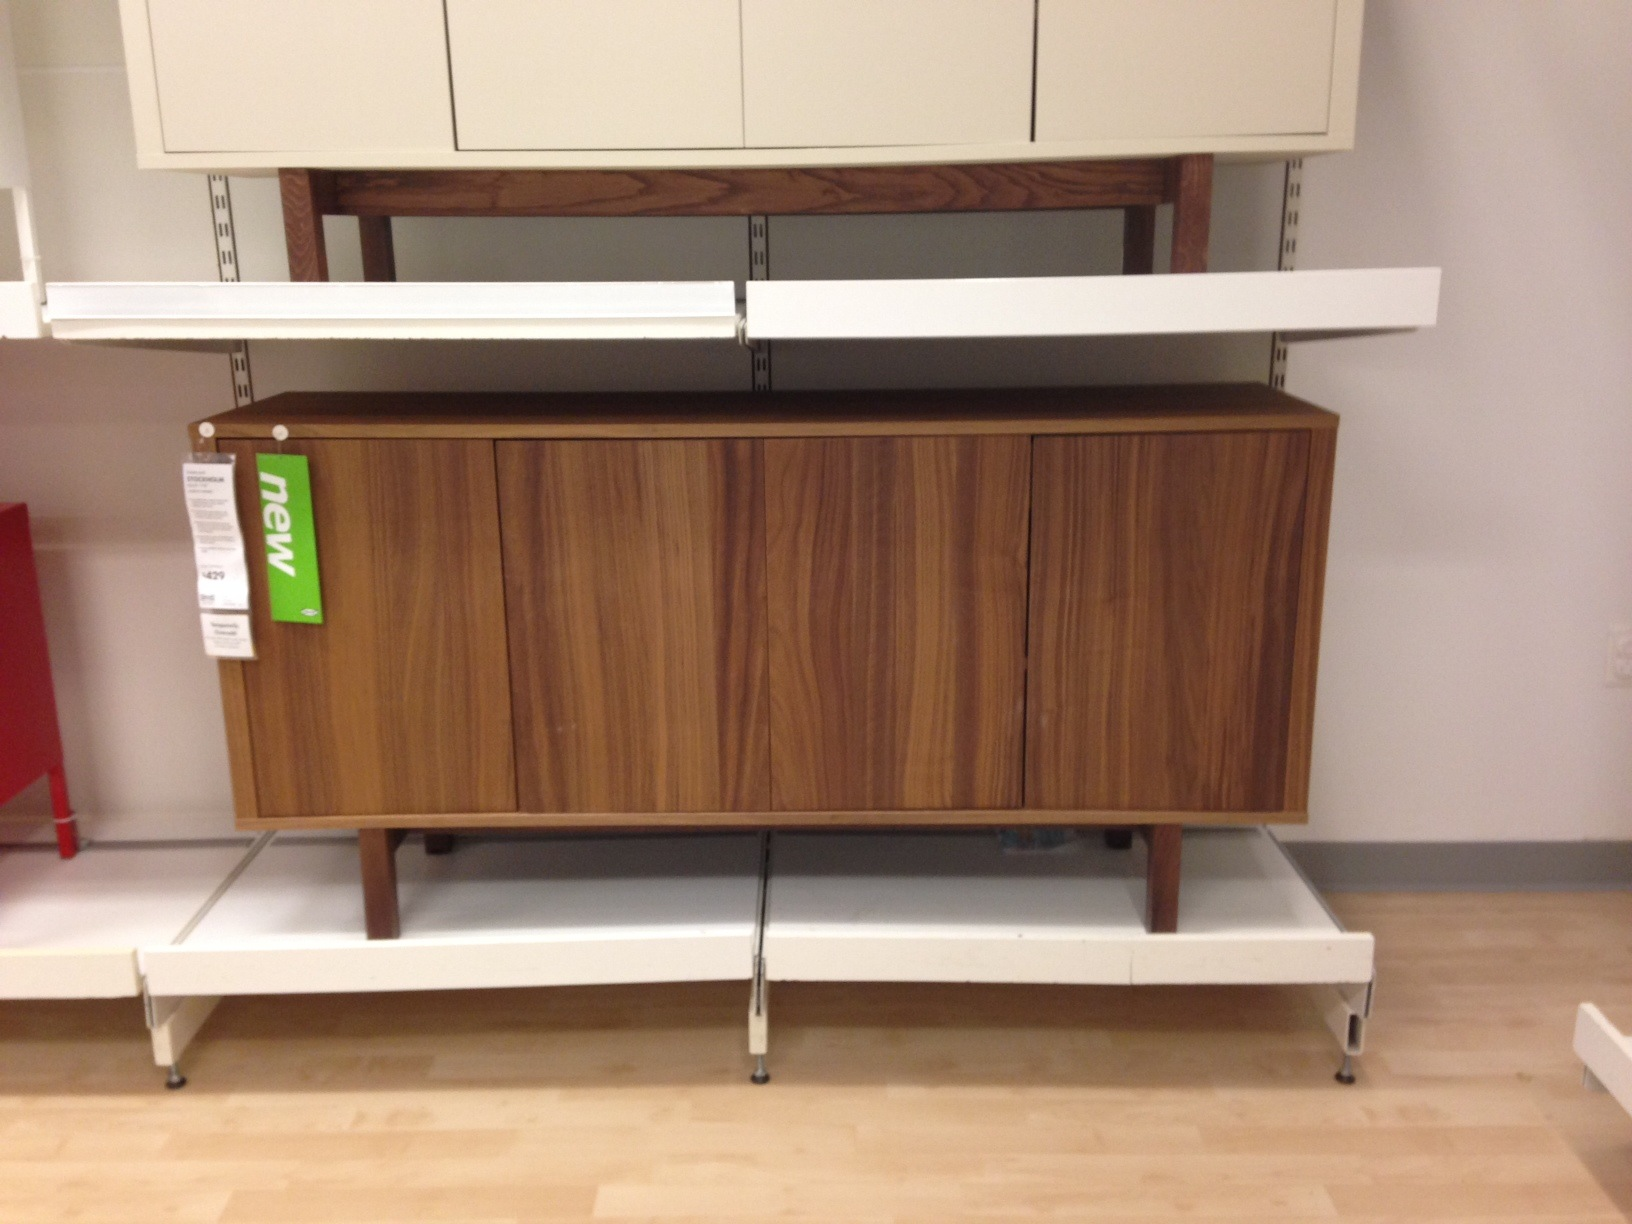 Ikea Bjursta Credenza : Bjursta buffet hermoso ikea aparadores comedor galería de imágenes